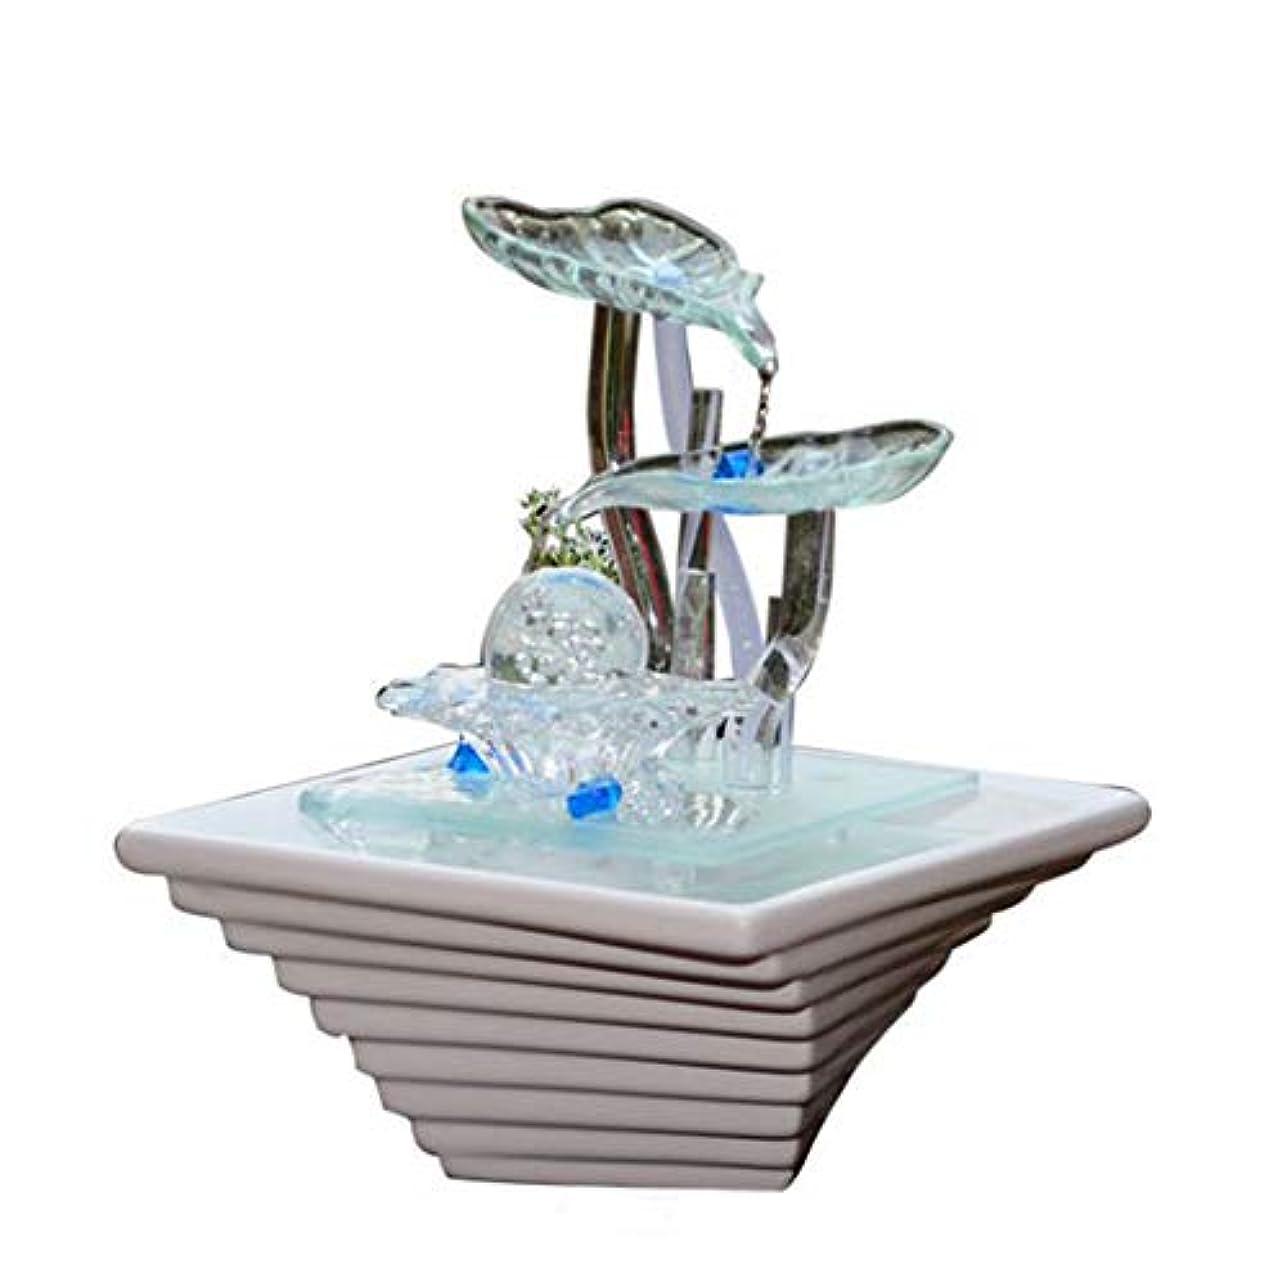 お母さんリム平凡加湿器ホームデスクトップの装飾セラミックガラス工芸品の装飾品噴水装飾品バレンタインデー結婚式の誕生日パーフェクトギフト